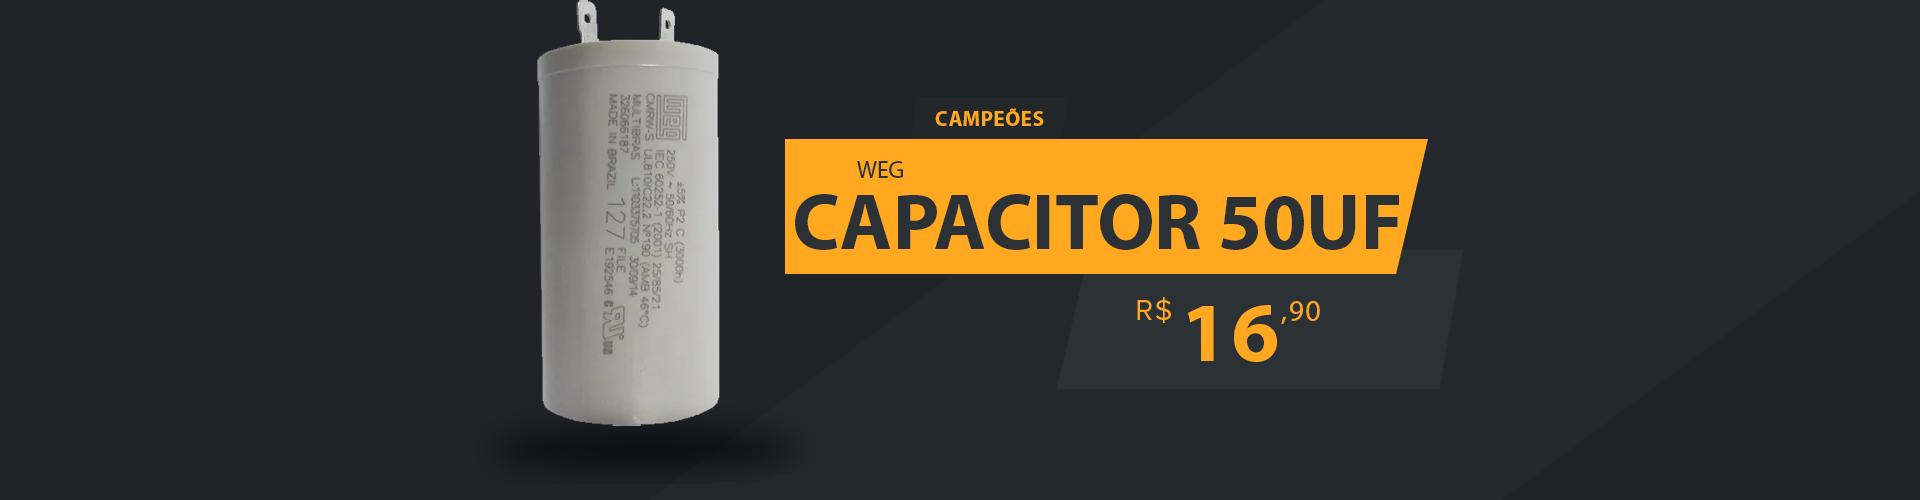 CAMPEÕES CAPACITOR 50UF